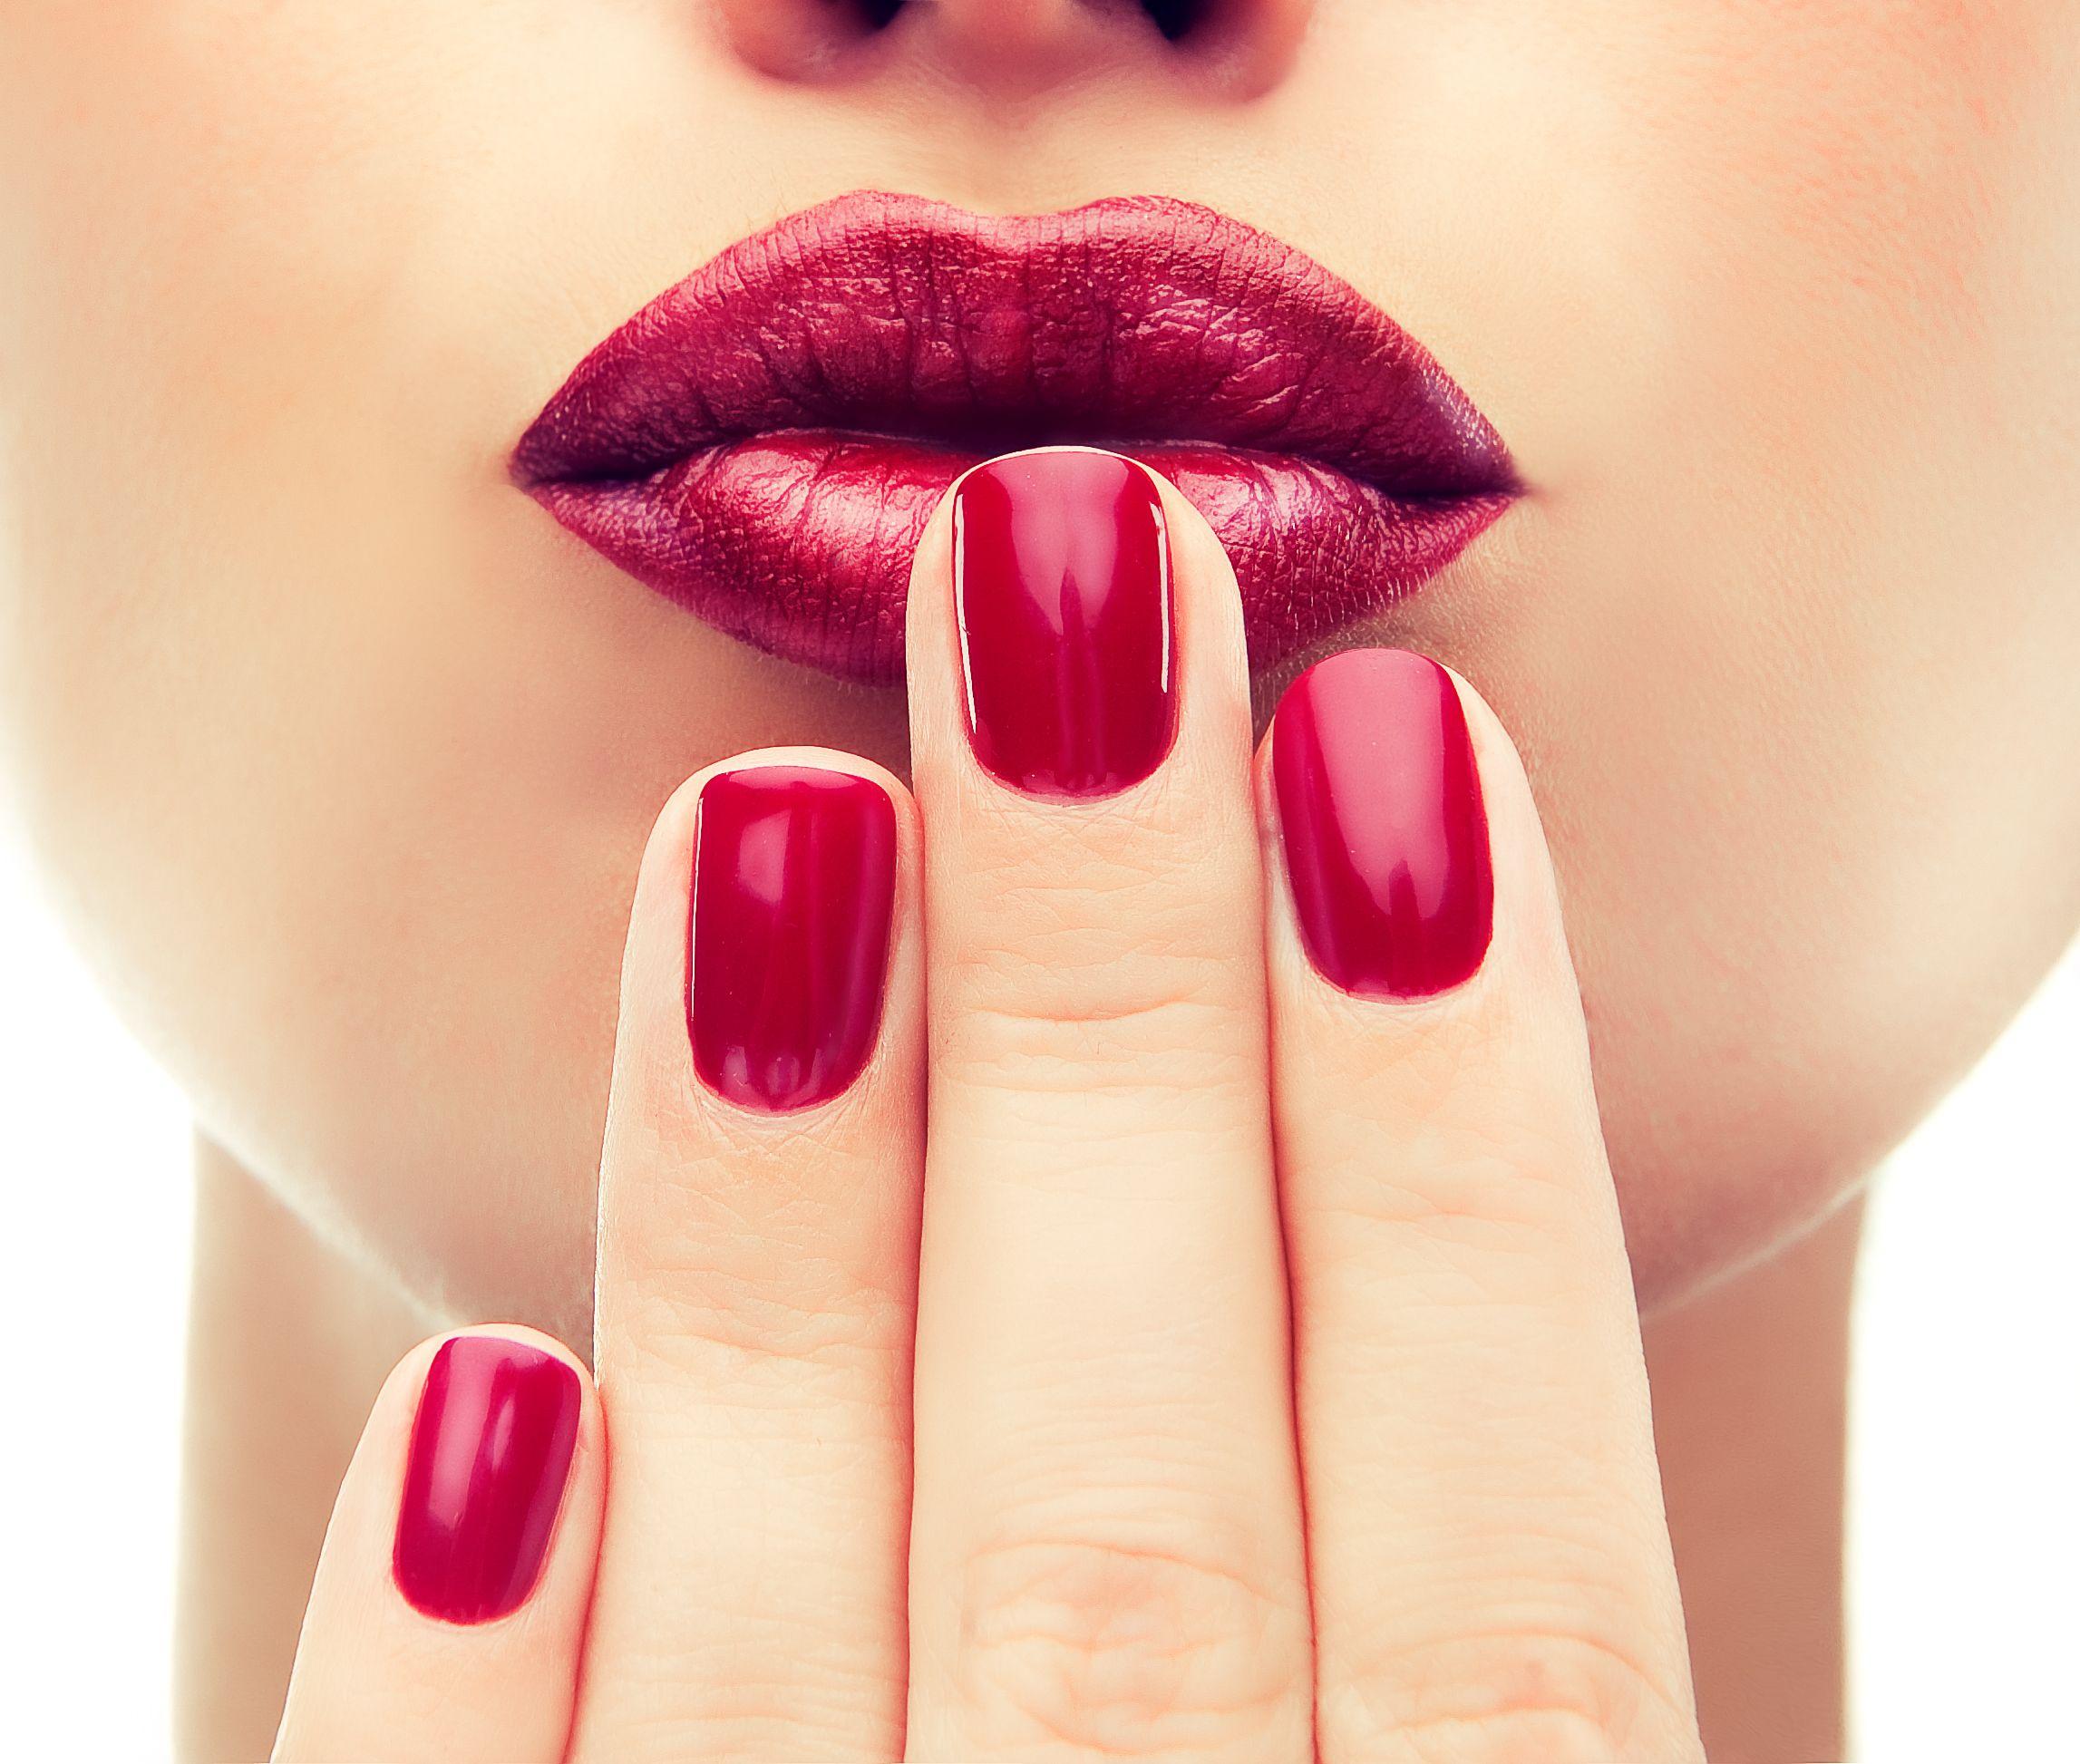 ¿Qué tal si combinas tu mani y tus labios con un tono rojo quemado para tu gran noche?